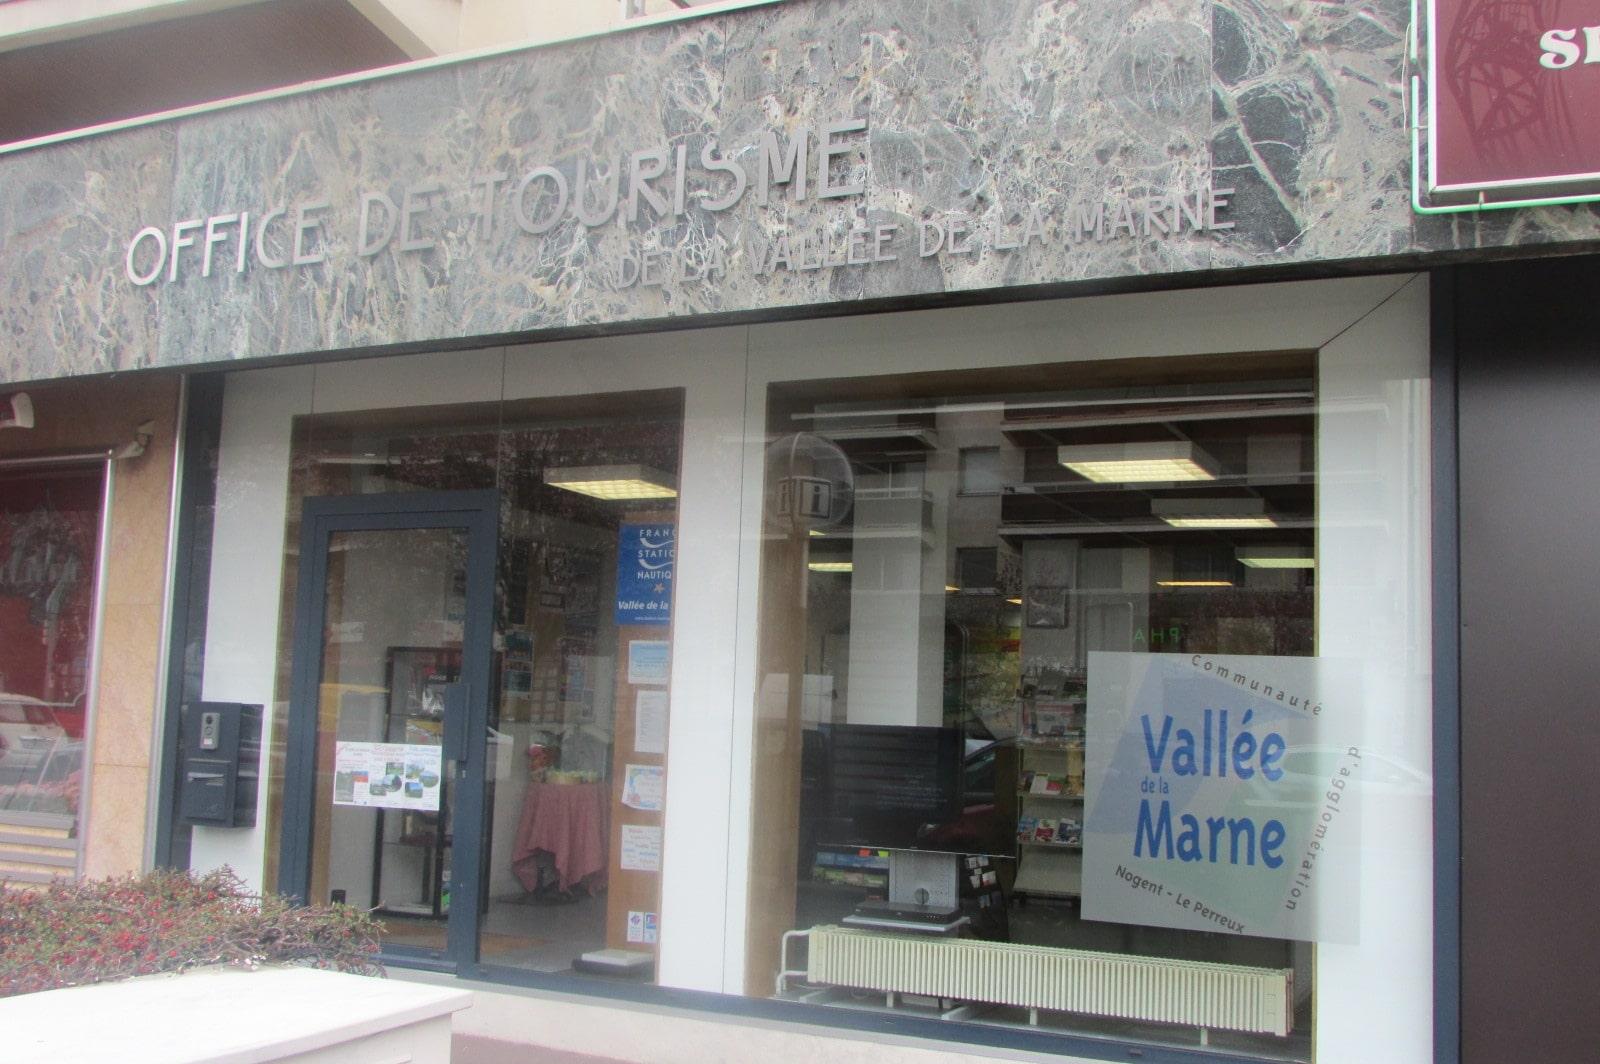 office-tourisme-vallee-de-la-marne-4